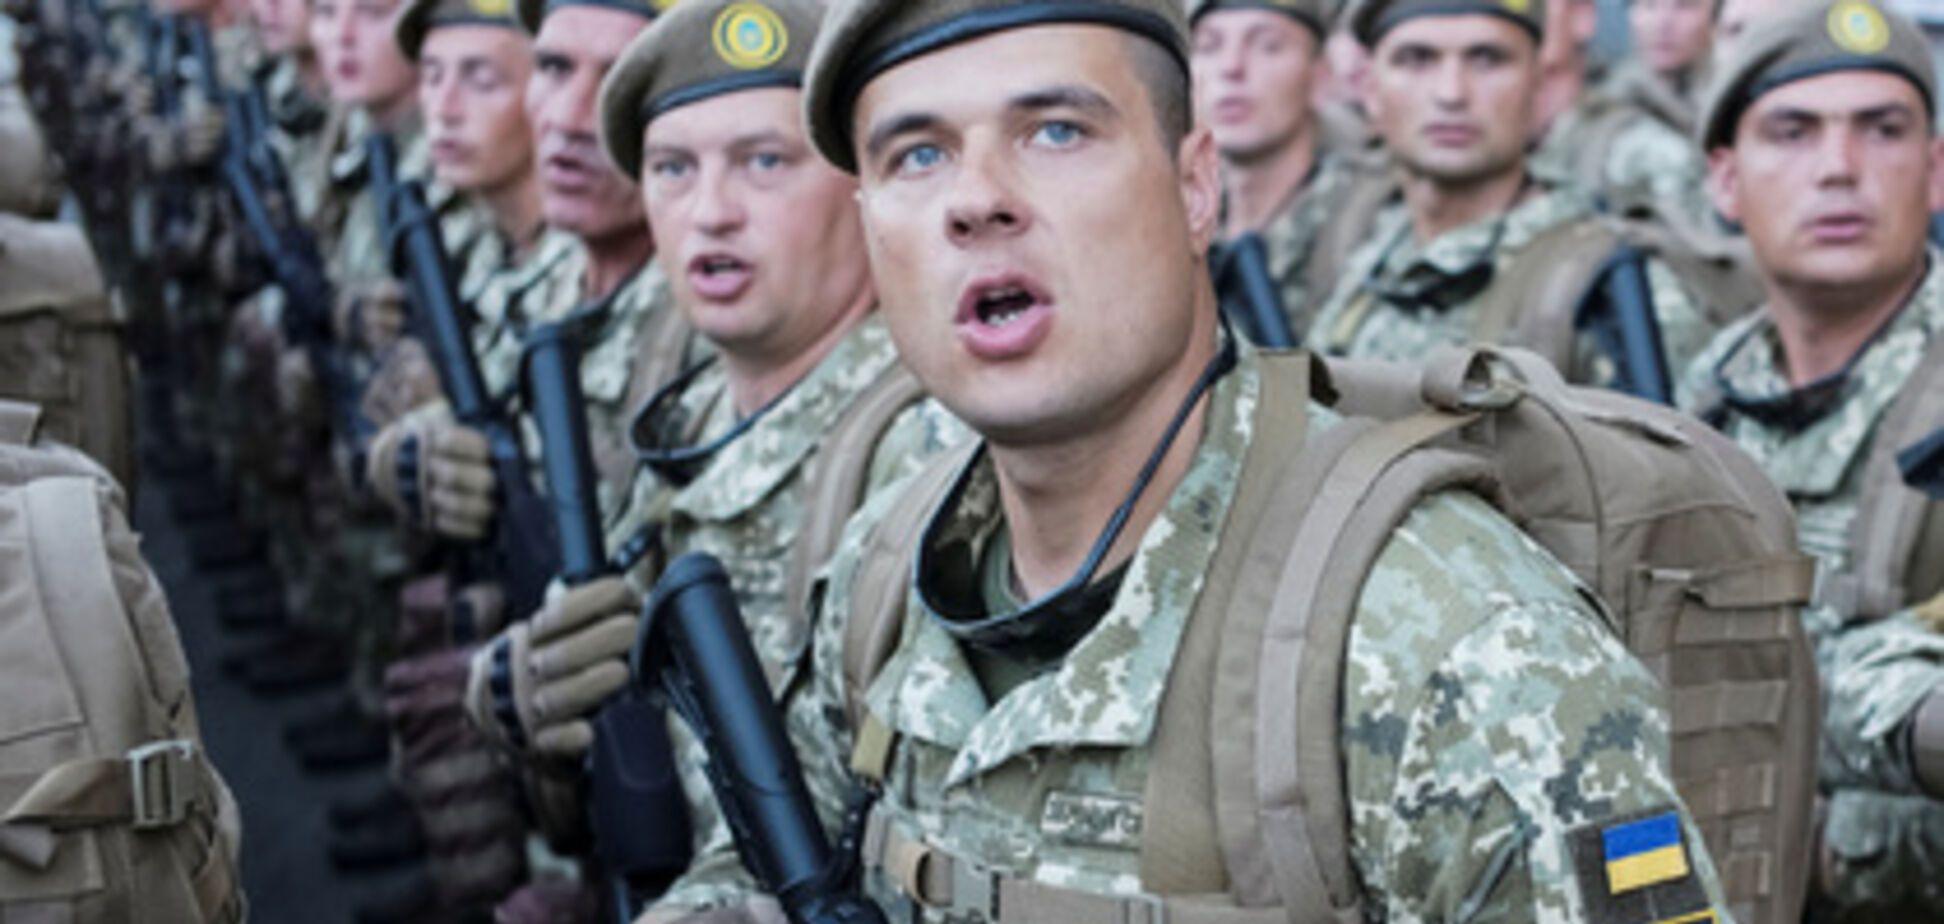 'Не дай Бог Россия дернется': АТОшник заявил о катастрофе с армией